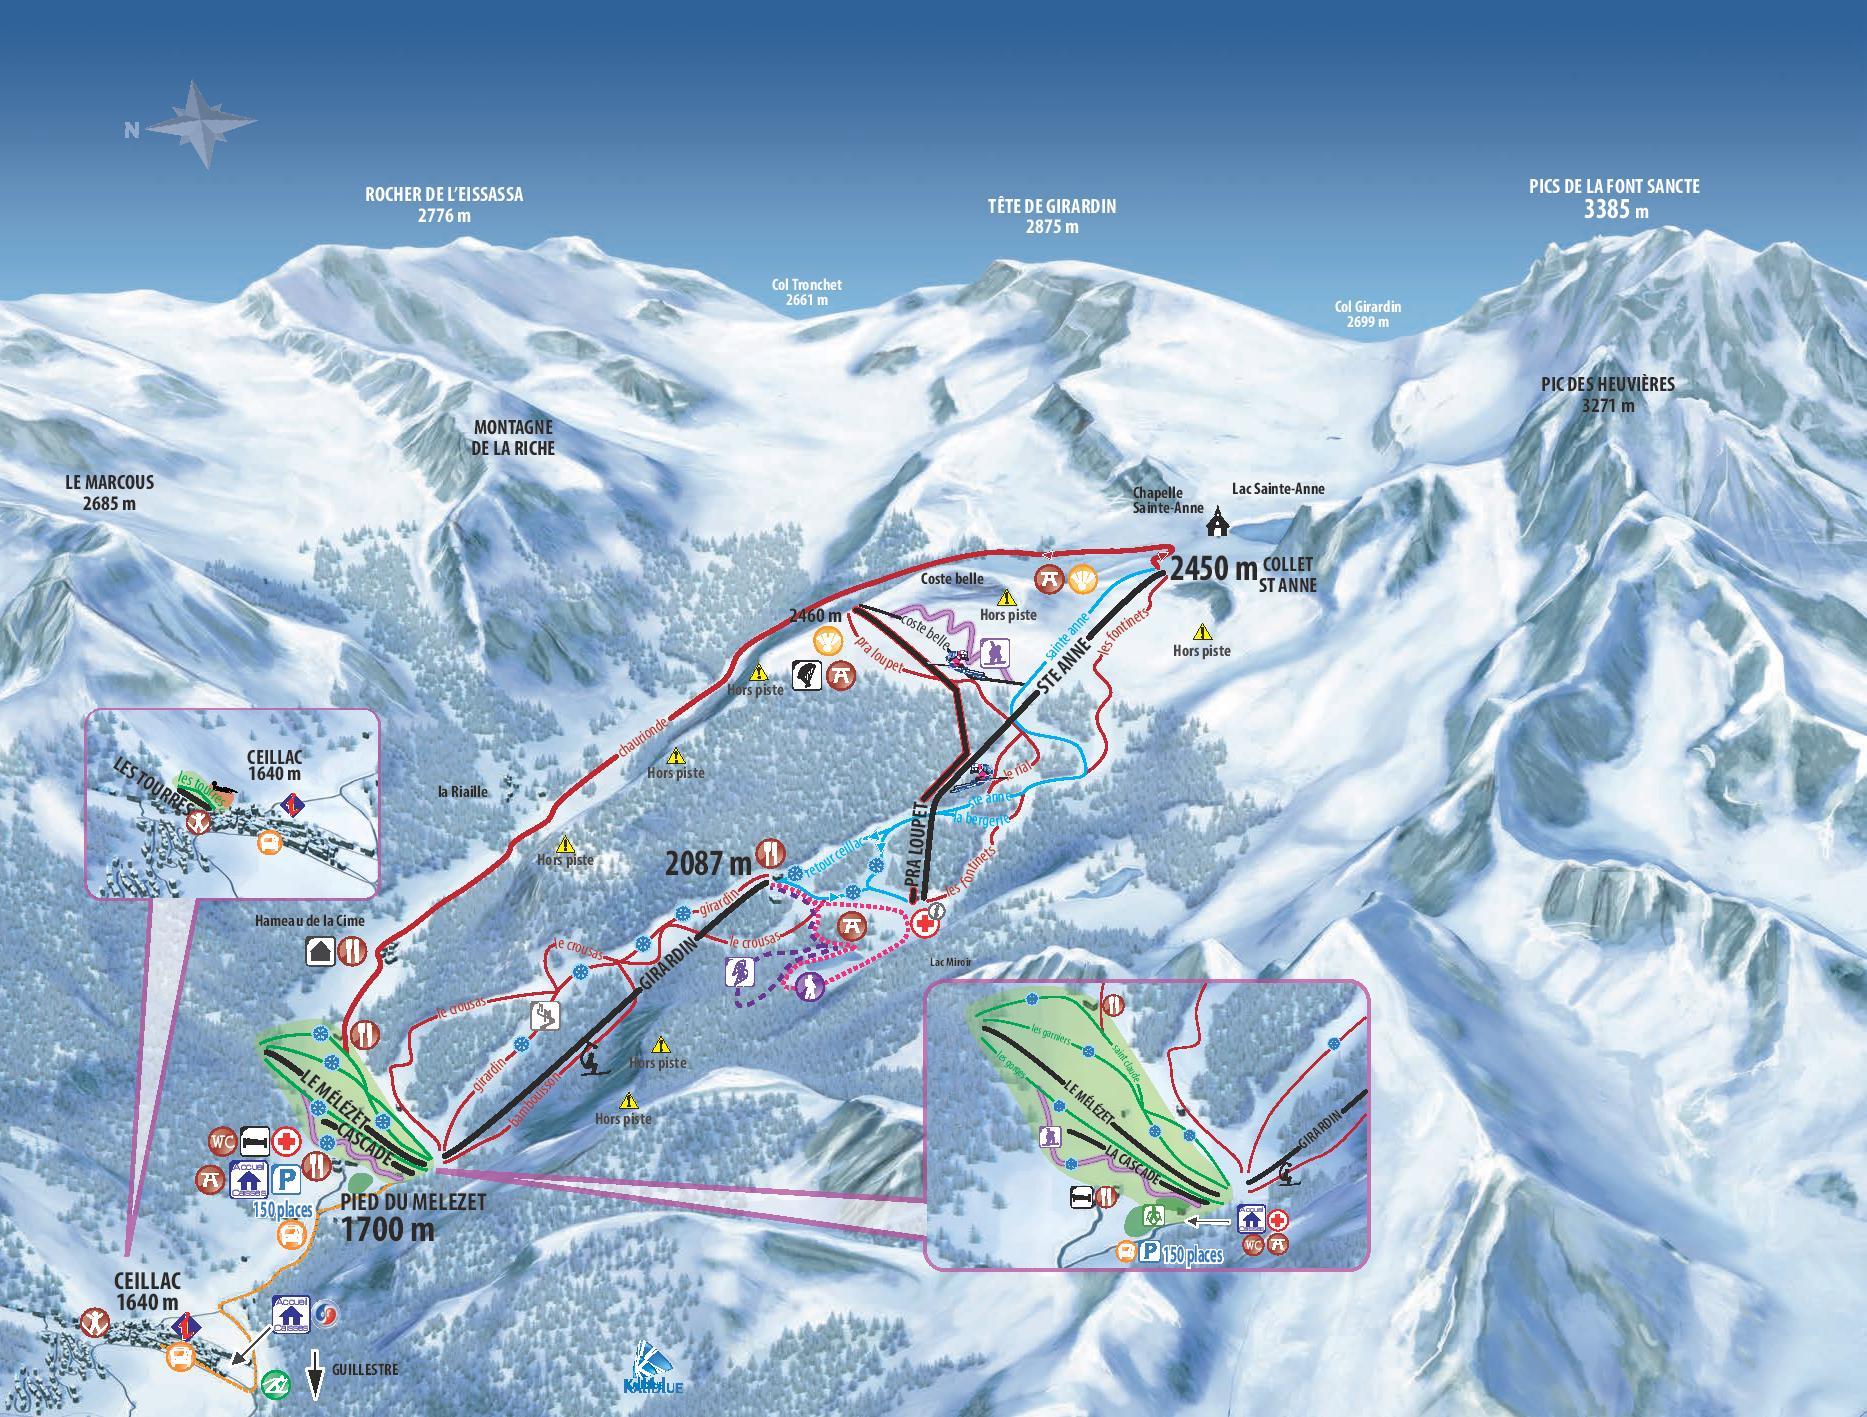 Plan des pistes du domaine skiable de Ceillac Cristillan